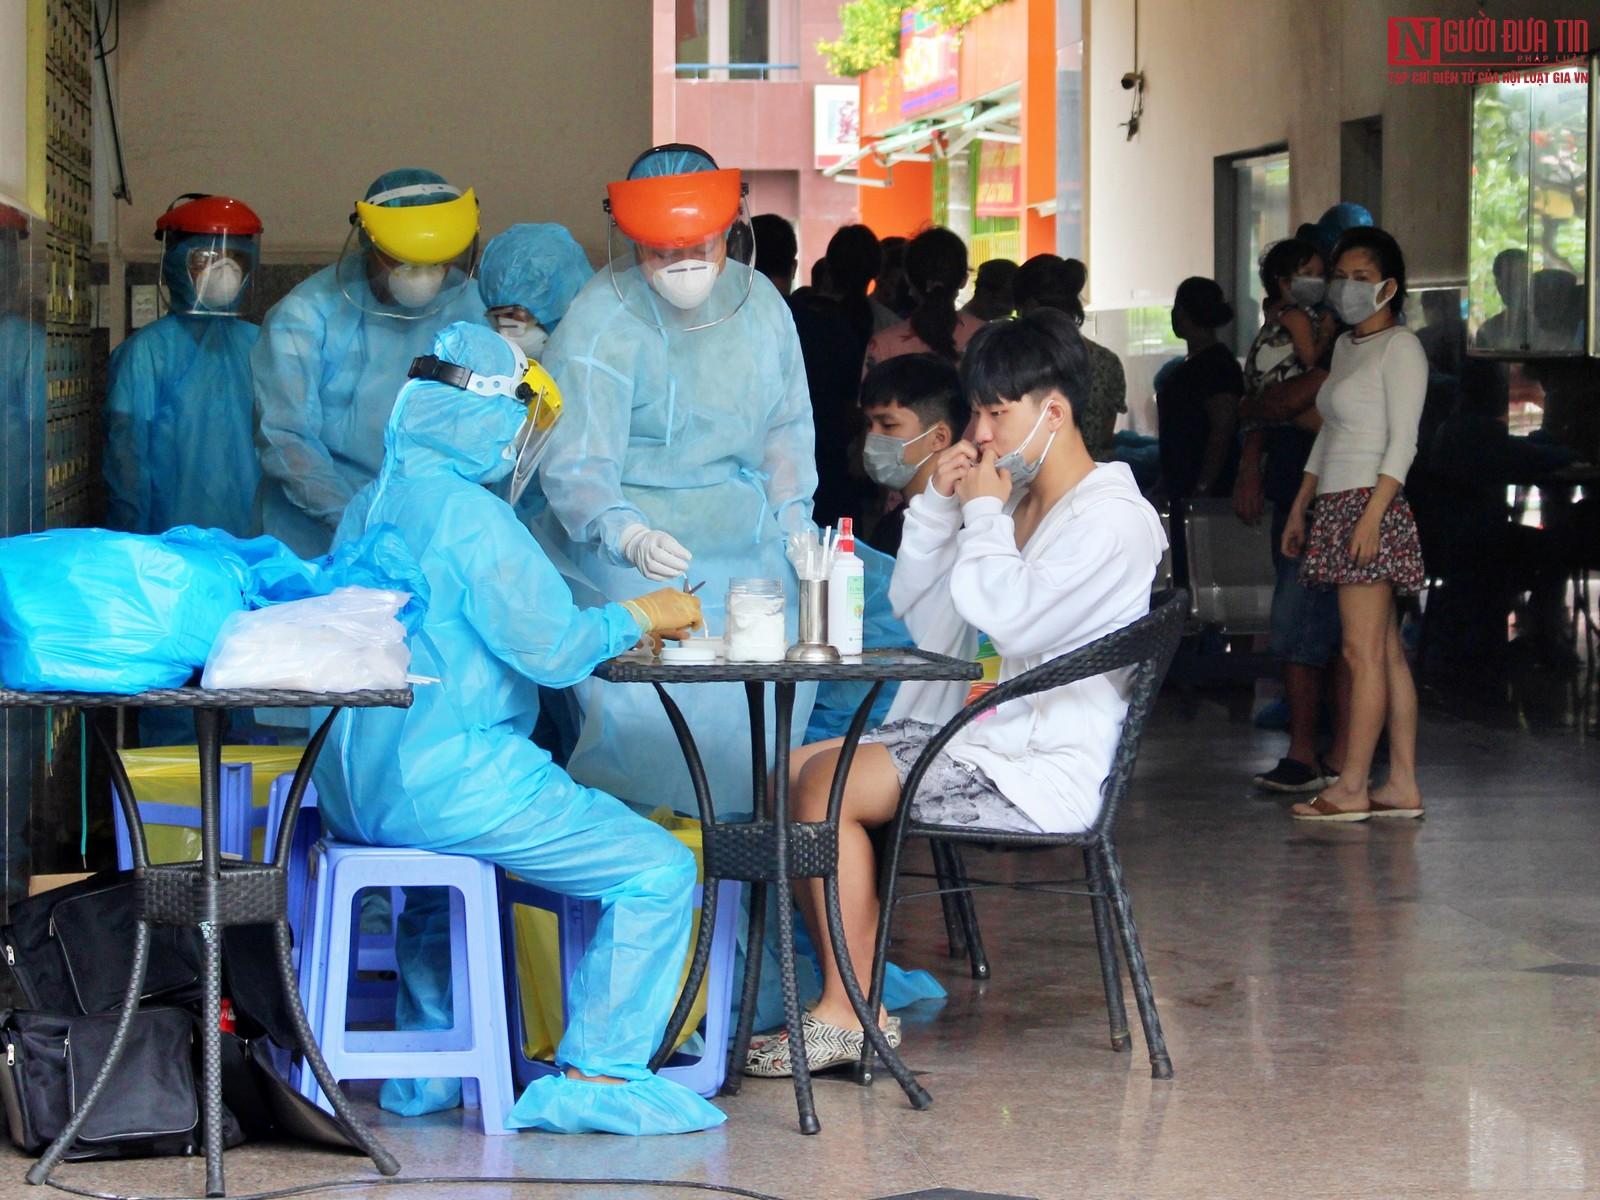 TP.HCM: Xét nghiệm hơn 300 người tại chung cư vì ca nghi nhiễm Covid-19-1